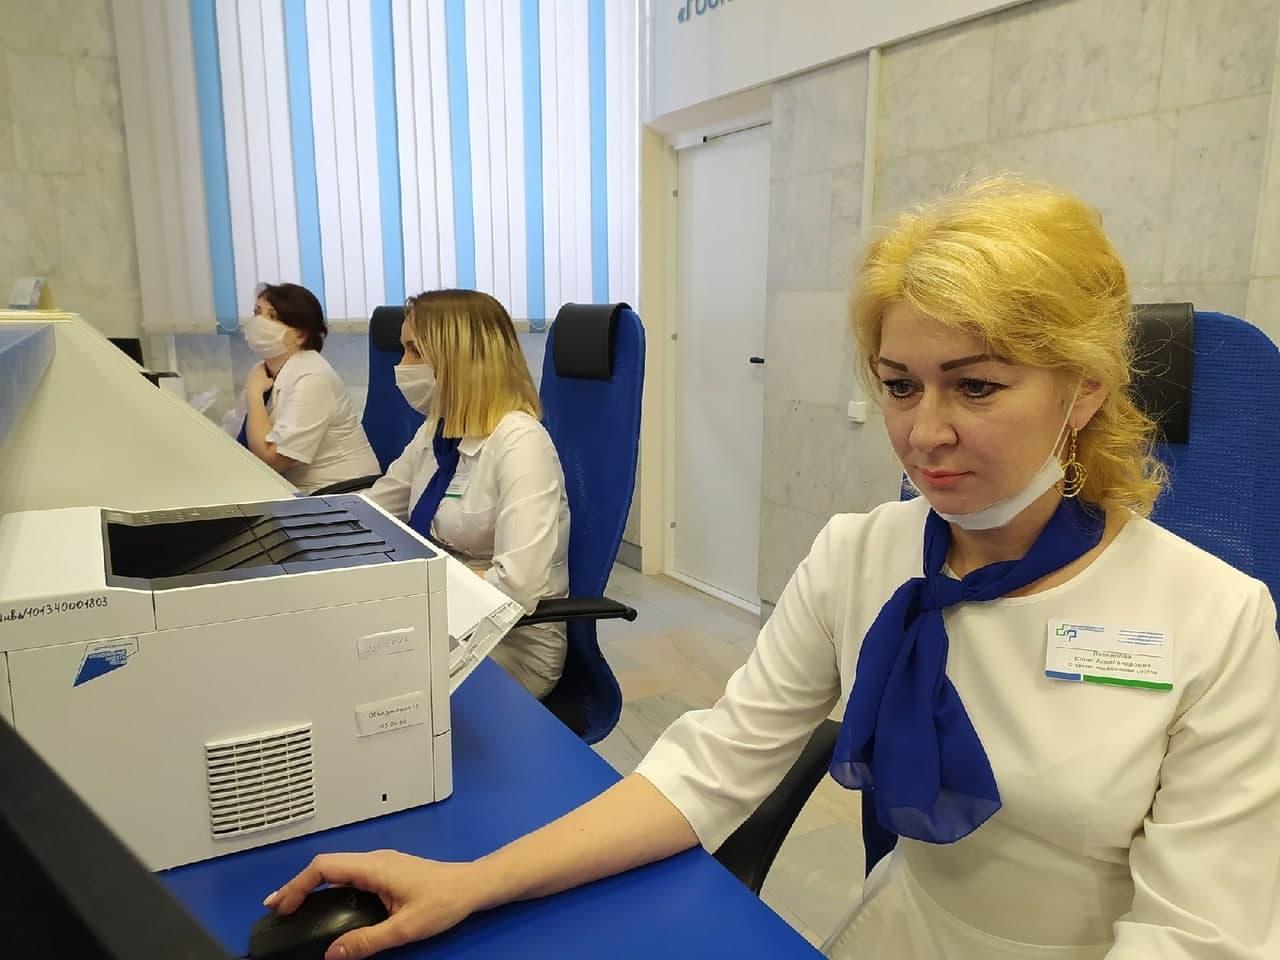 фото Министр здравоохранения Мурашко в Новосибирске: онлайн-трансляция на Сиб.фм 3